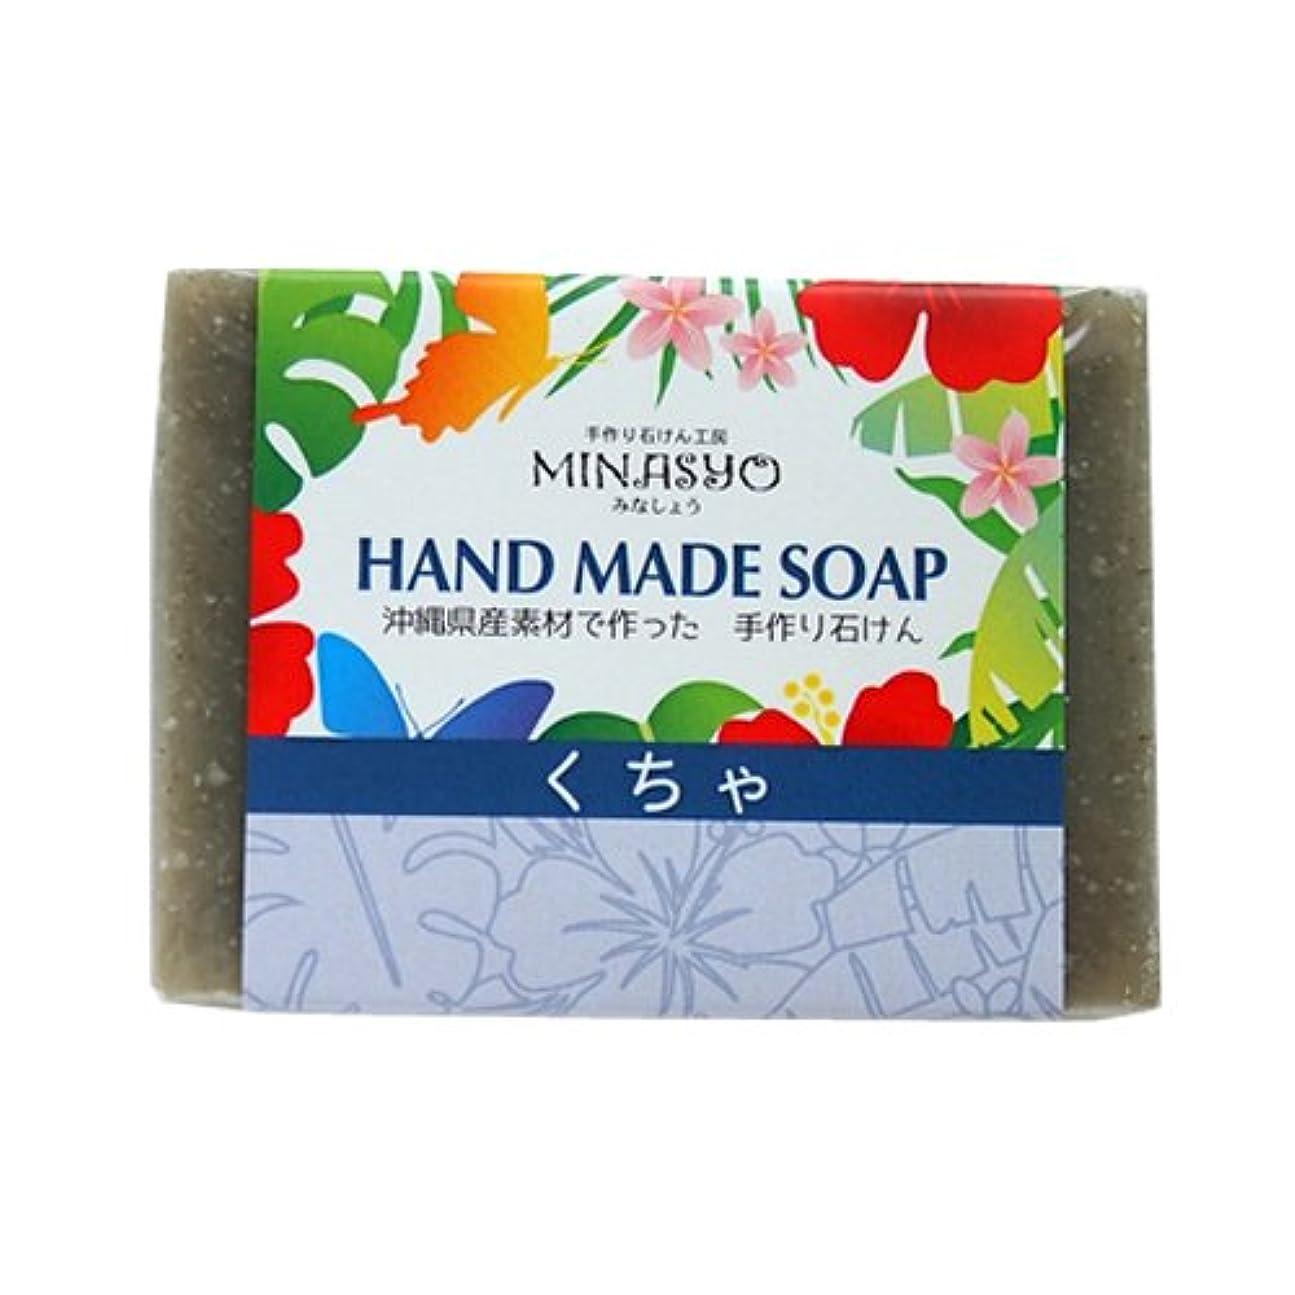 不透明な発行する音節洗顔石鹸 毛穴ケア メンズ 無添加 固形 くちゃパック 手作りくちゃ石鹸